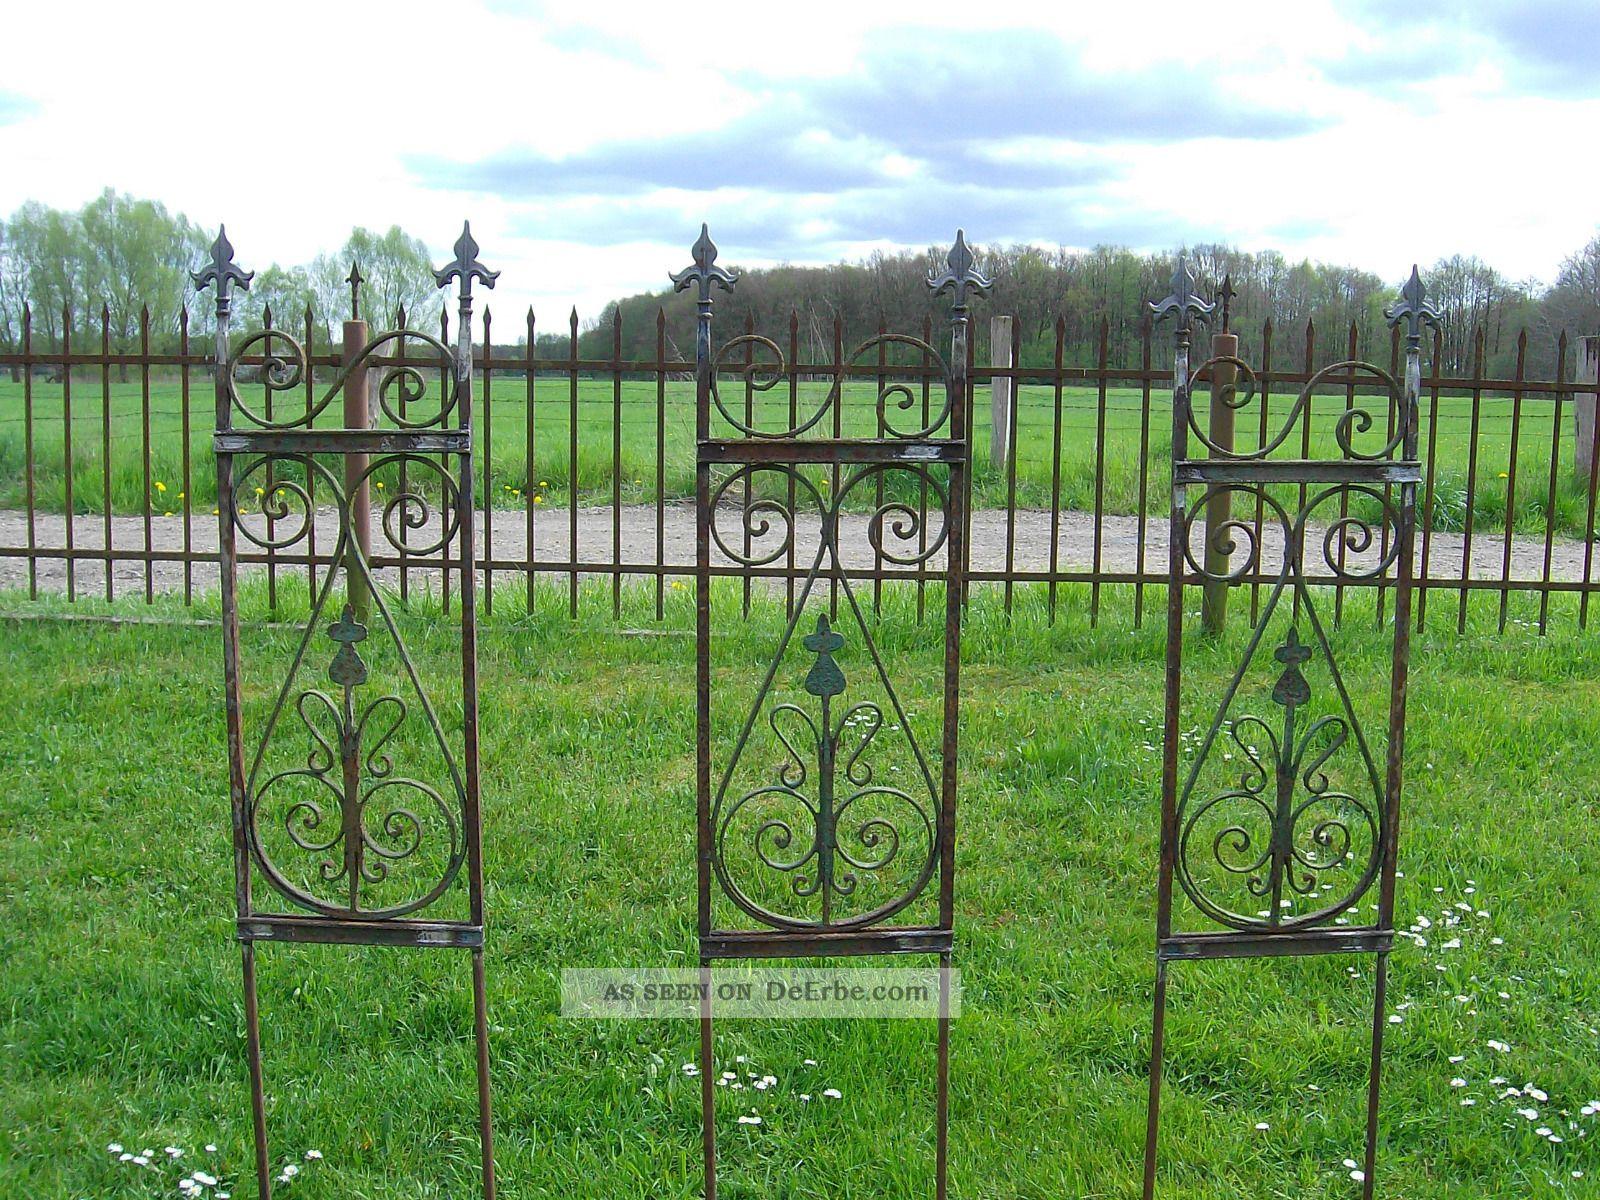 Historische Baustoffe Garten & Parkeinrichtung Original vor